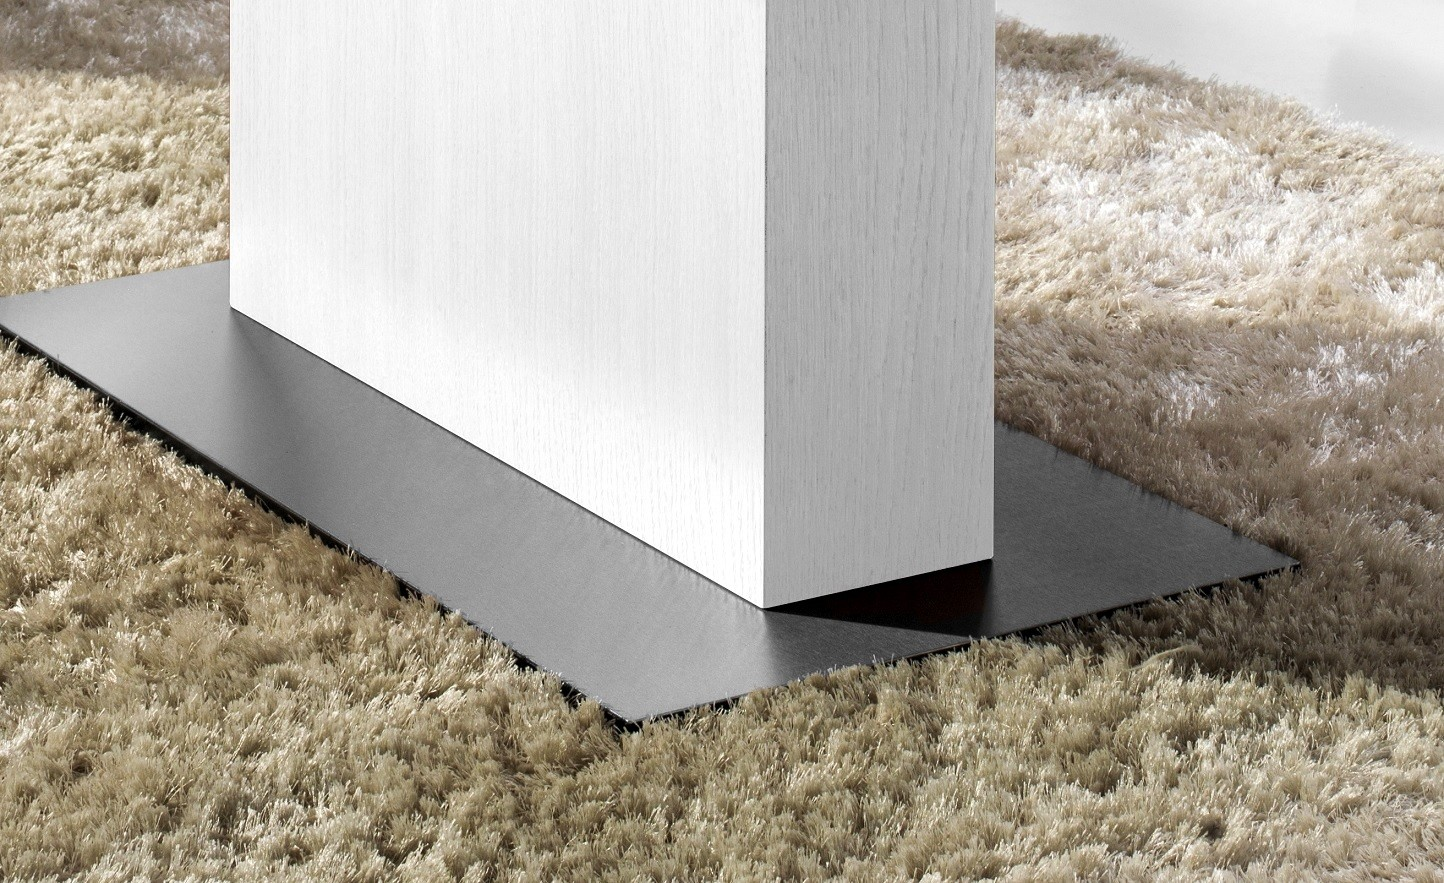 couchtisch mn 3 wei seidenmatt grauglas h henverstellbar. Black Bedroom Furniture Sets. Home Design Ideas